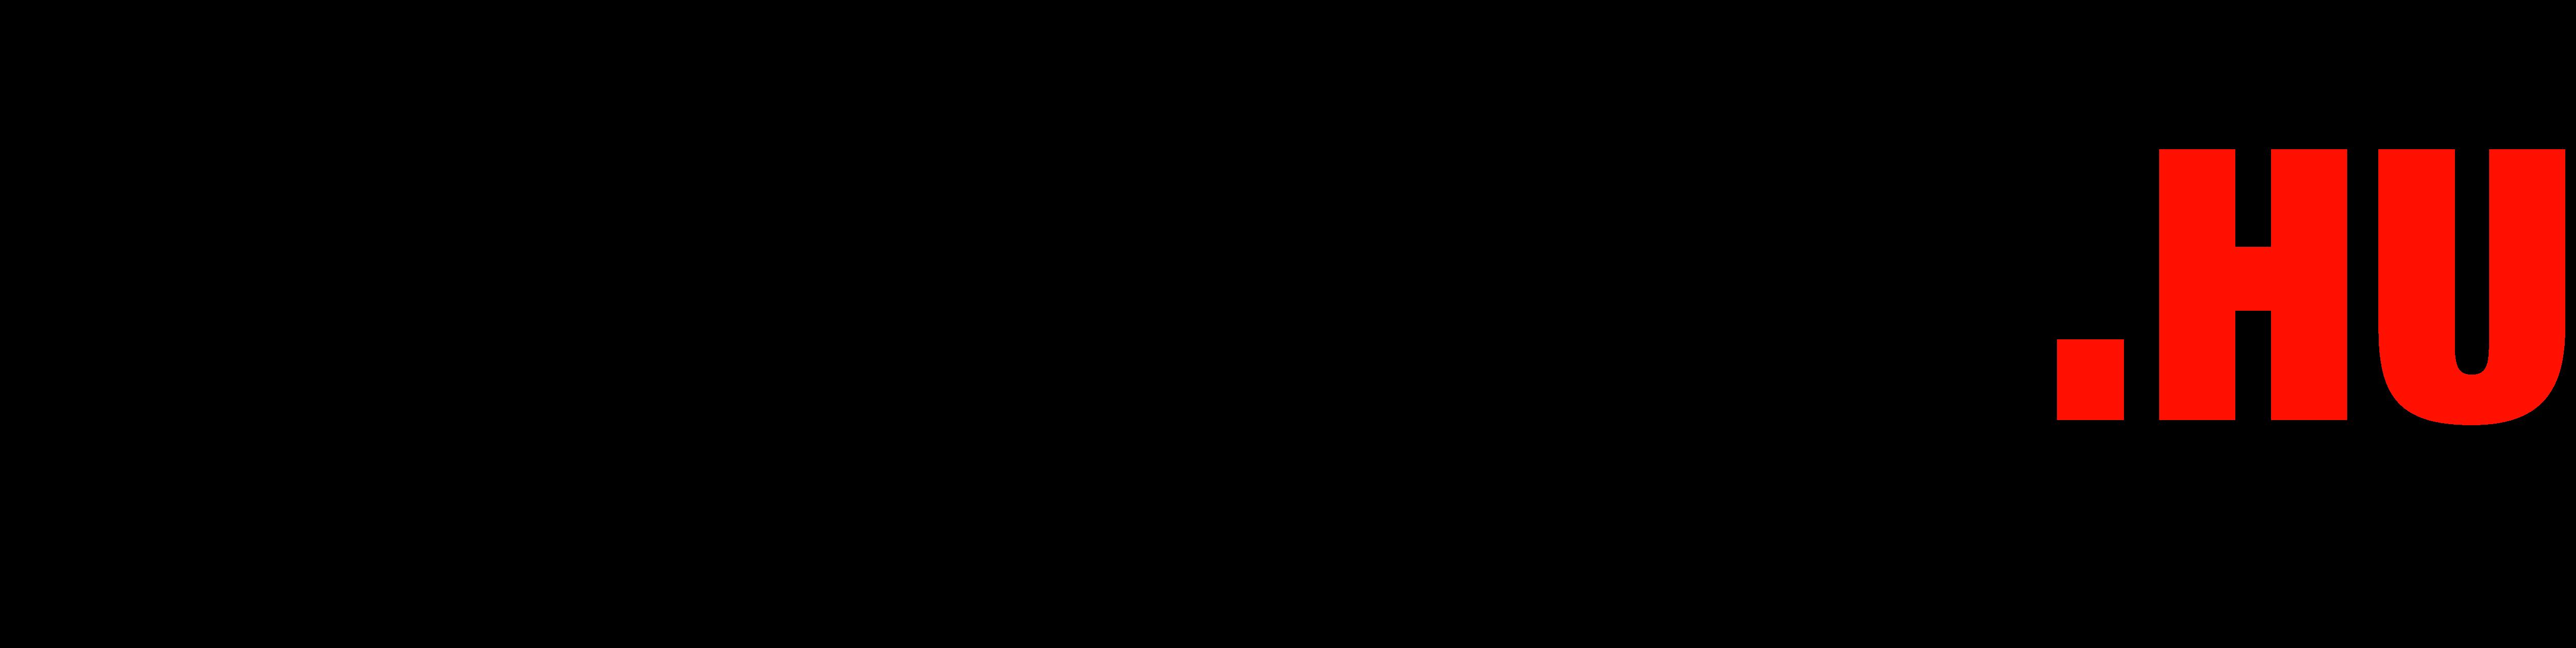 Megakrán logo